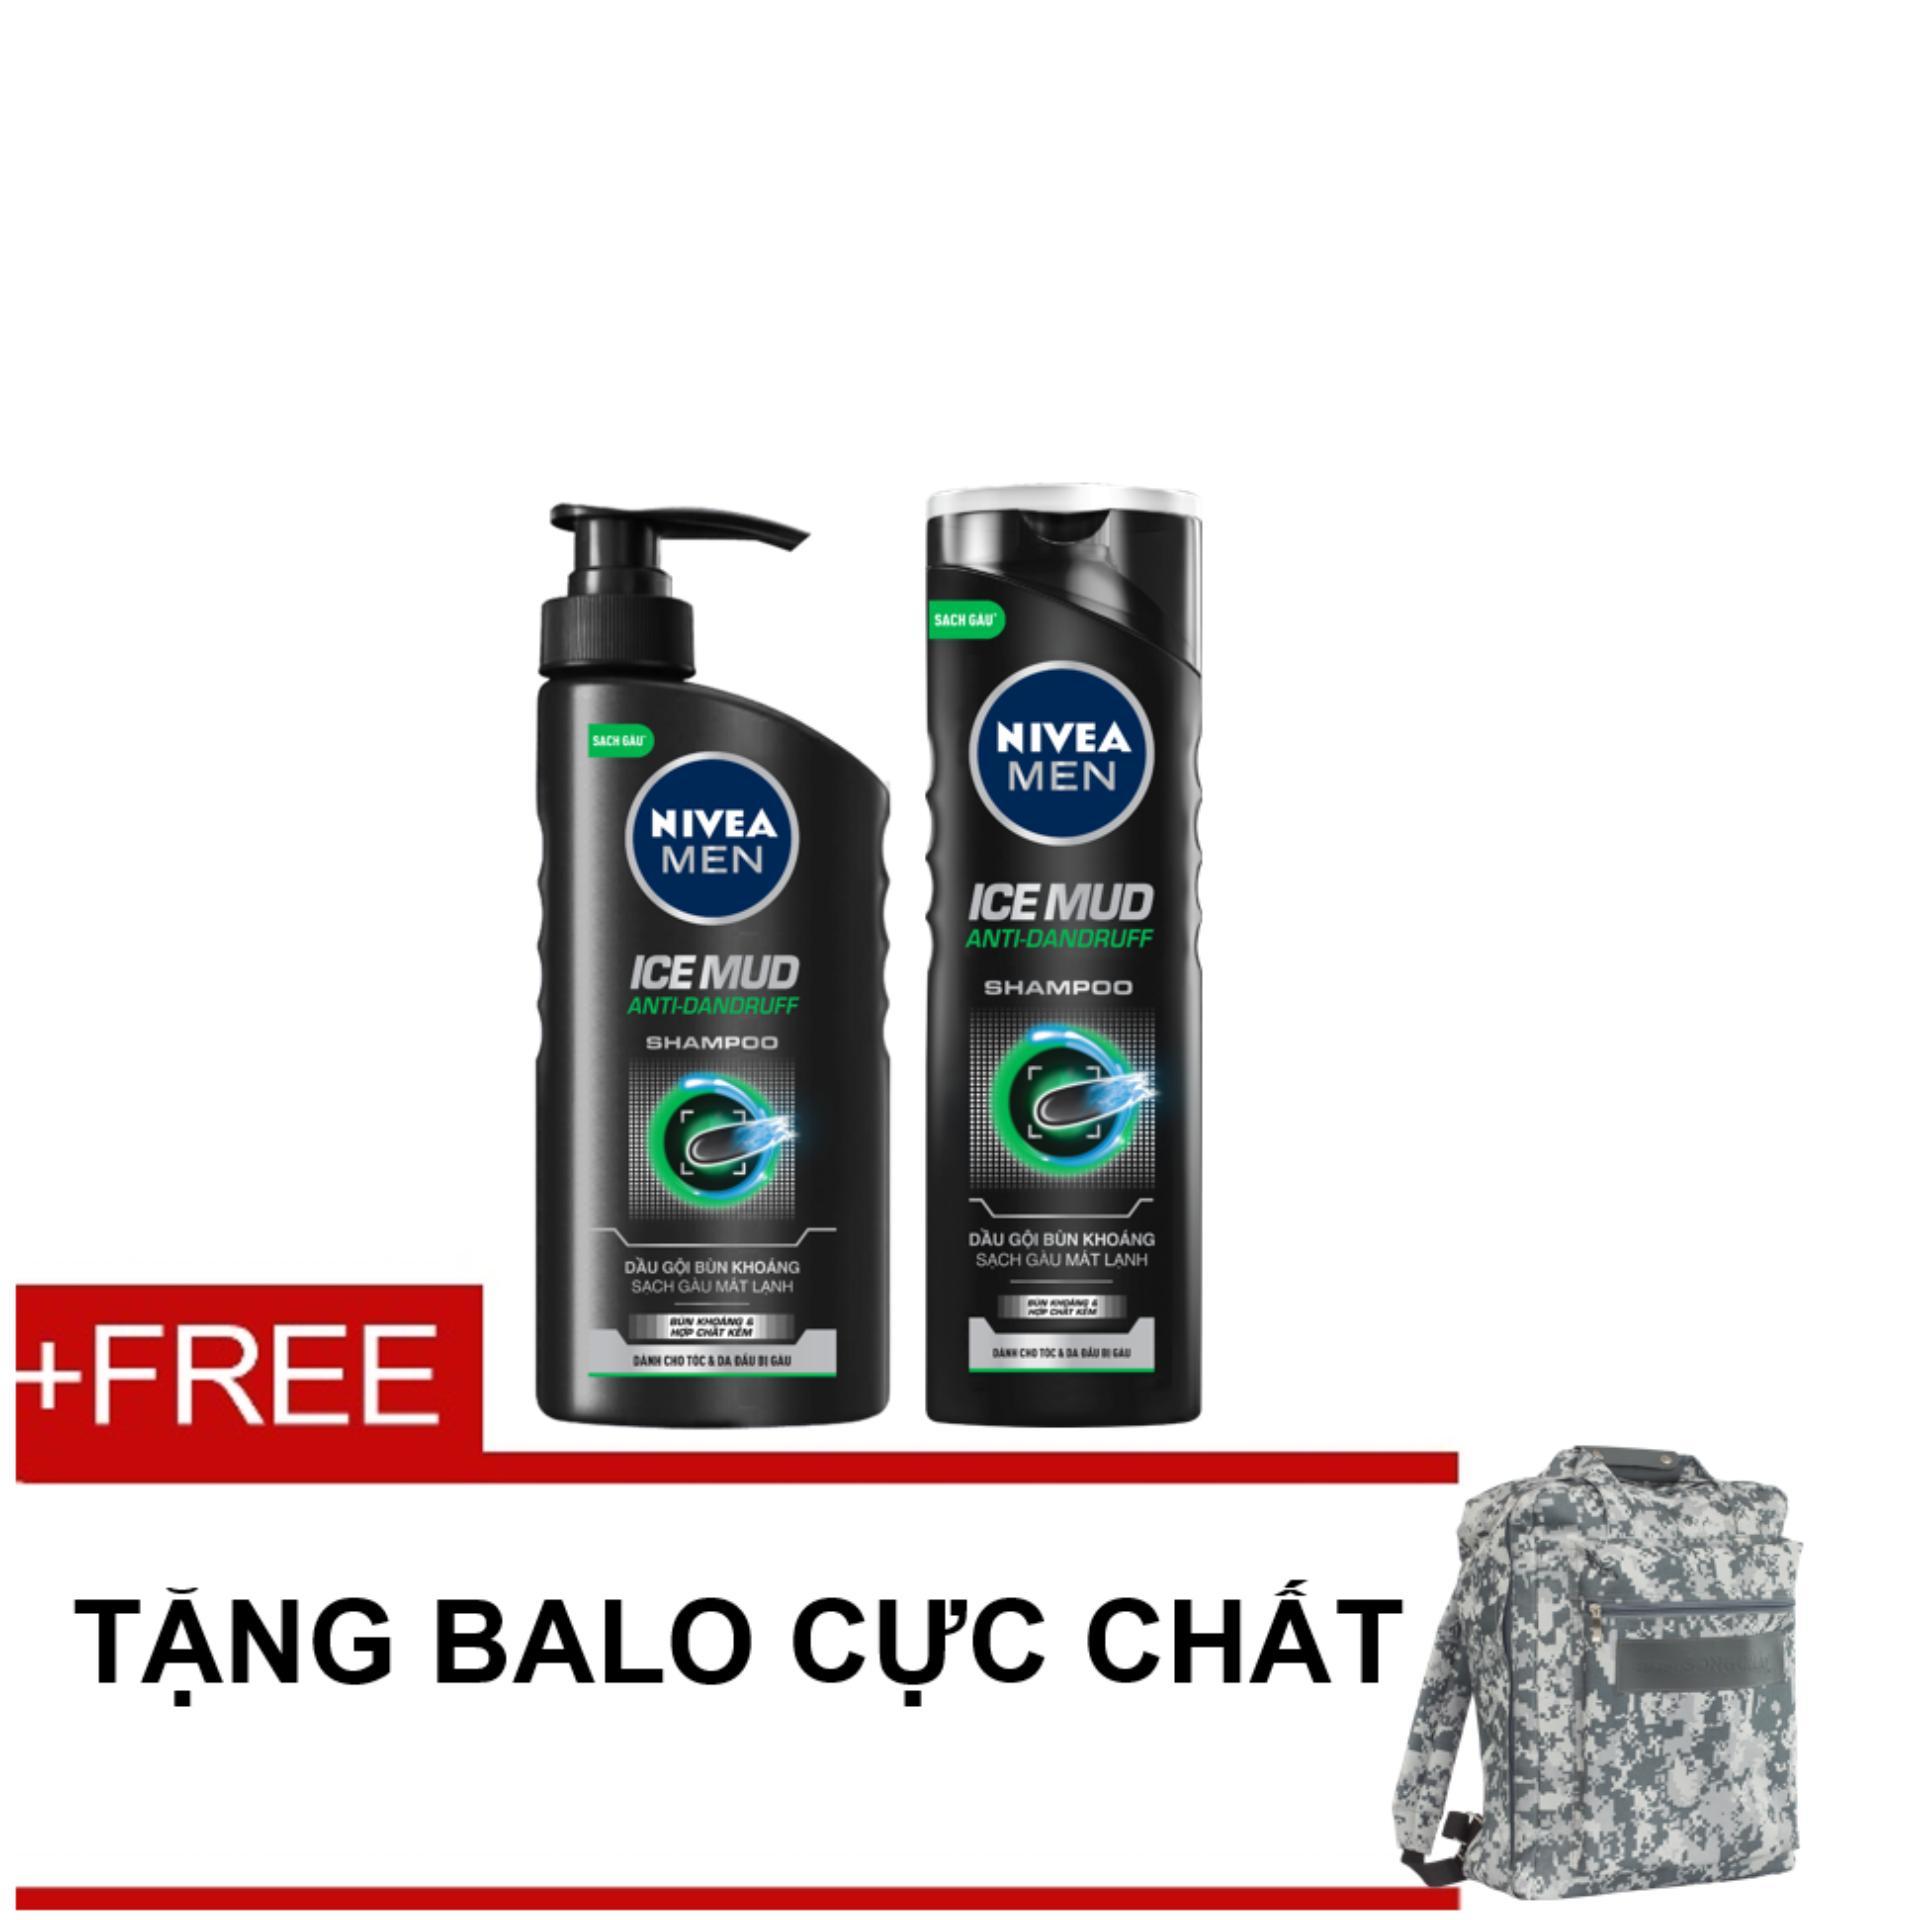 Mua Bộ Dầu Gội Bun Khoang Sạch Gau Mat Lạnh 530Ml Va 180Ml Tặng Balo Thể Thao Hồ Chí Minh